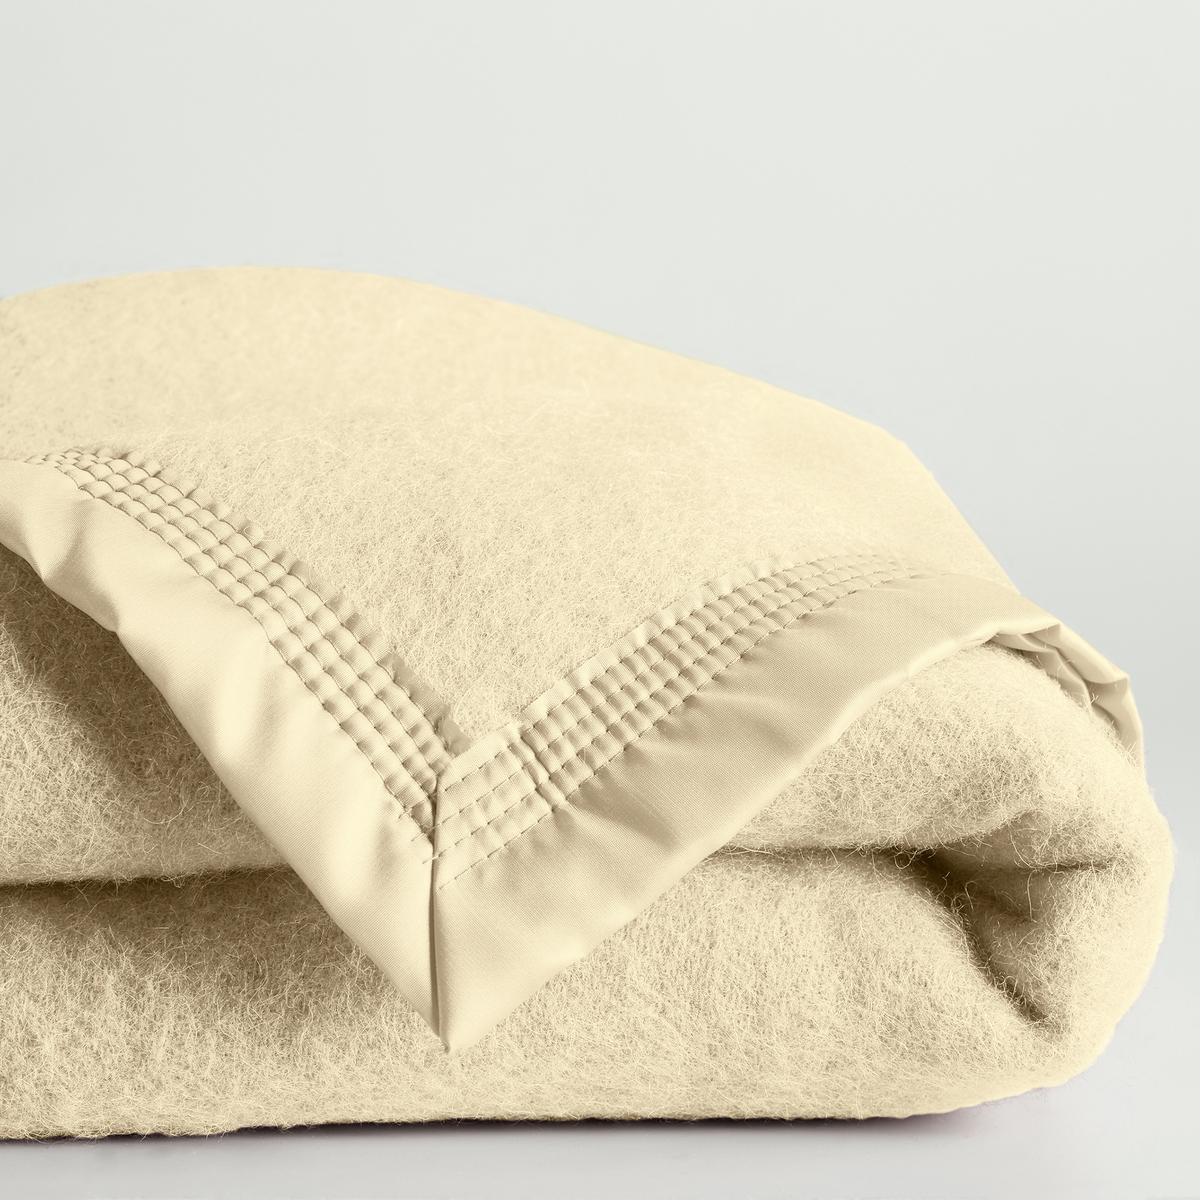 Покрывало 600 г/м? из 100% шерсти WoolmarkНатуральный и аутентичный материал.    Изготовлено во Франции.Характеристики покрывала из 100% необработанной шерсти Woolmark :100% овечья шерсть Woolmarkваляная и промытая, широкая атласная кайма (100% полиамид), прошитая 4 строчками с разрывом шва на каждом углу для большей прочности. Модель для детской кровати (75x100 см) без атласной каймы с подрубленными краями.Подходит в частности для прохладных комнат (12-15 °С). Сухая чистка.Плюсы изделия : тепло и комфорт.<br><br>Цвет: серо-коричневый каштан,серый,слоновая кость